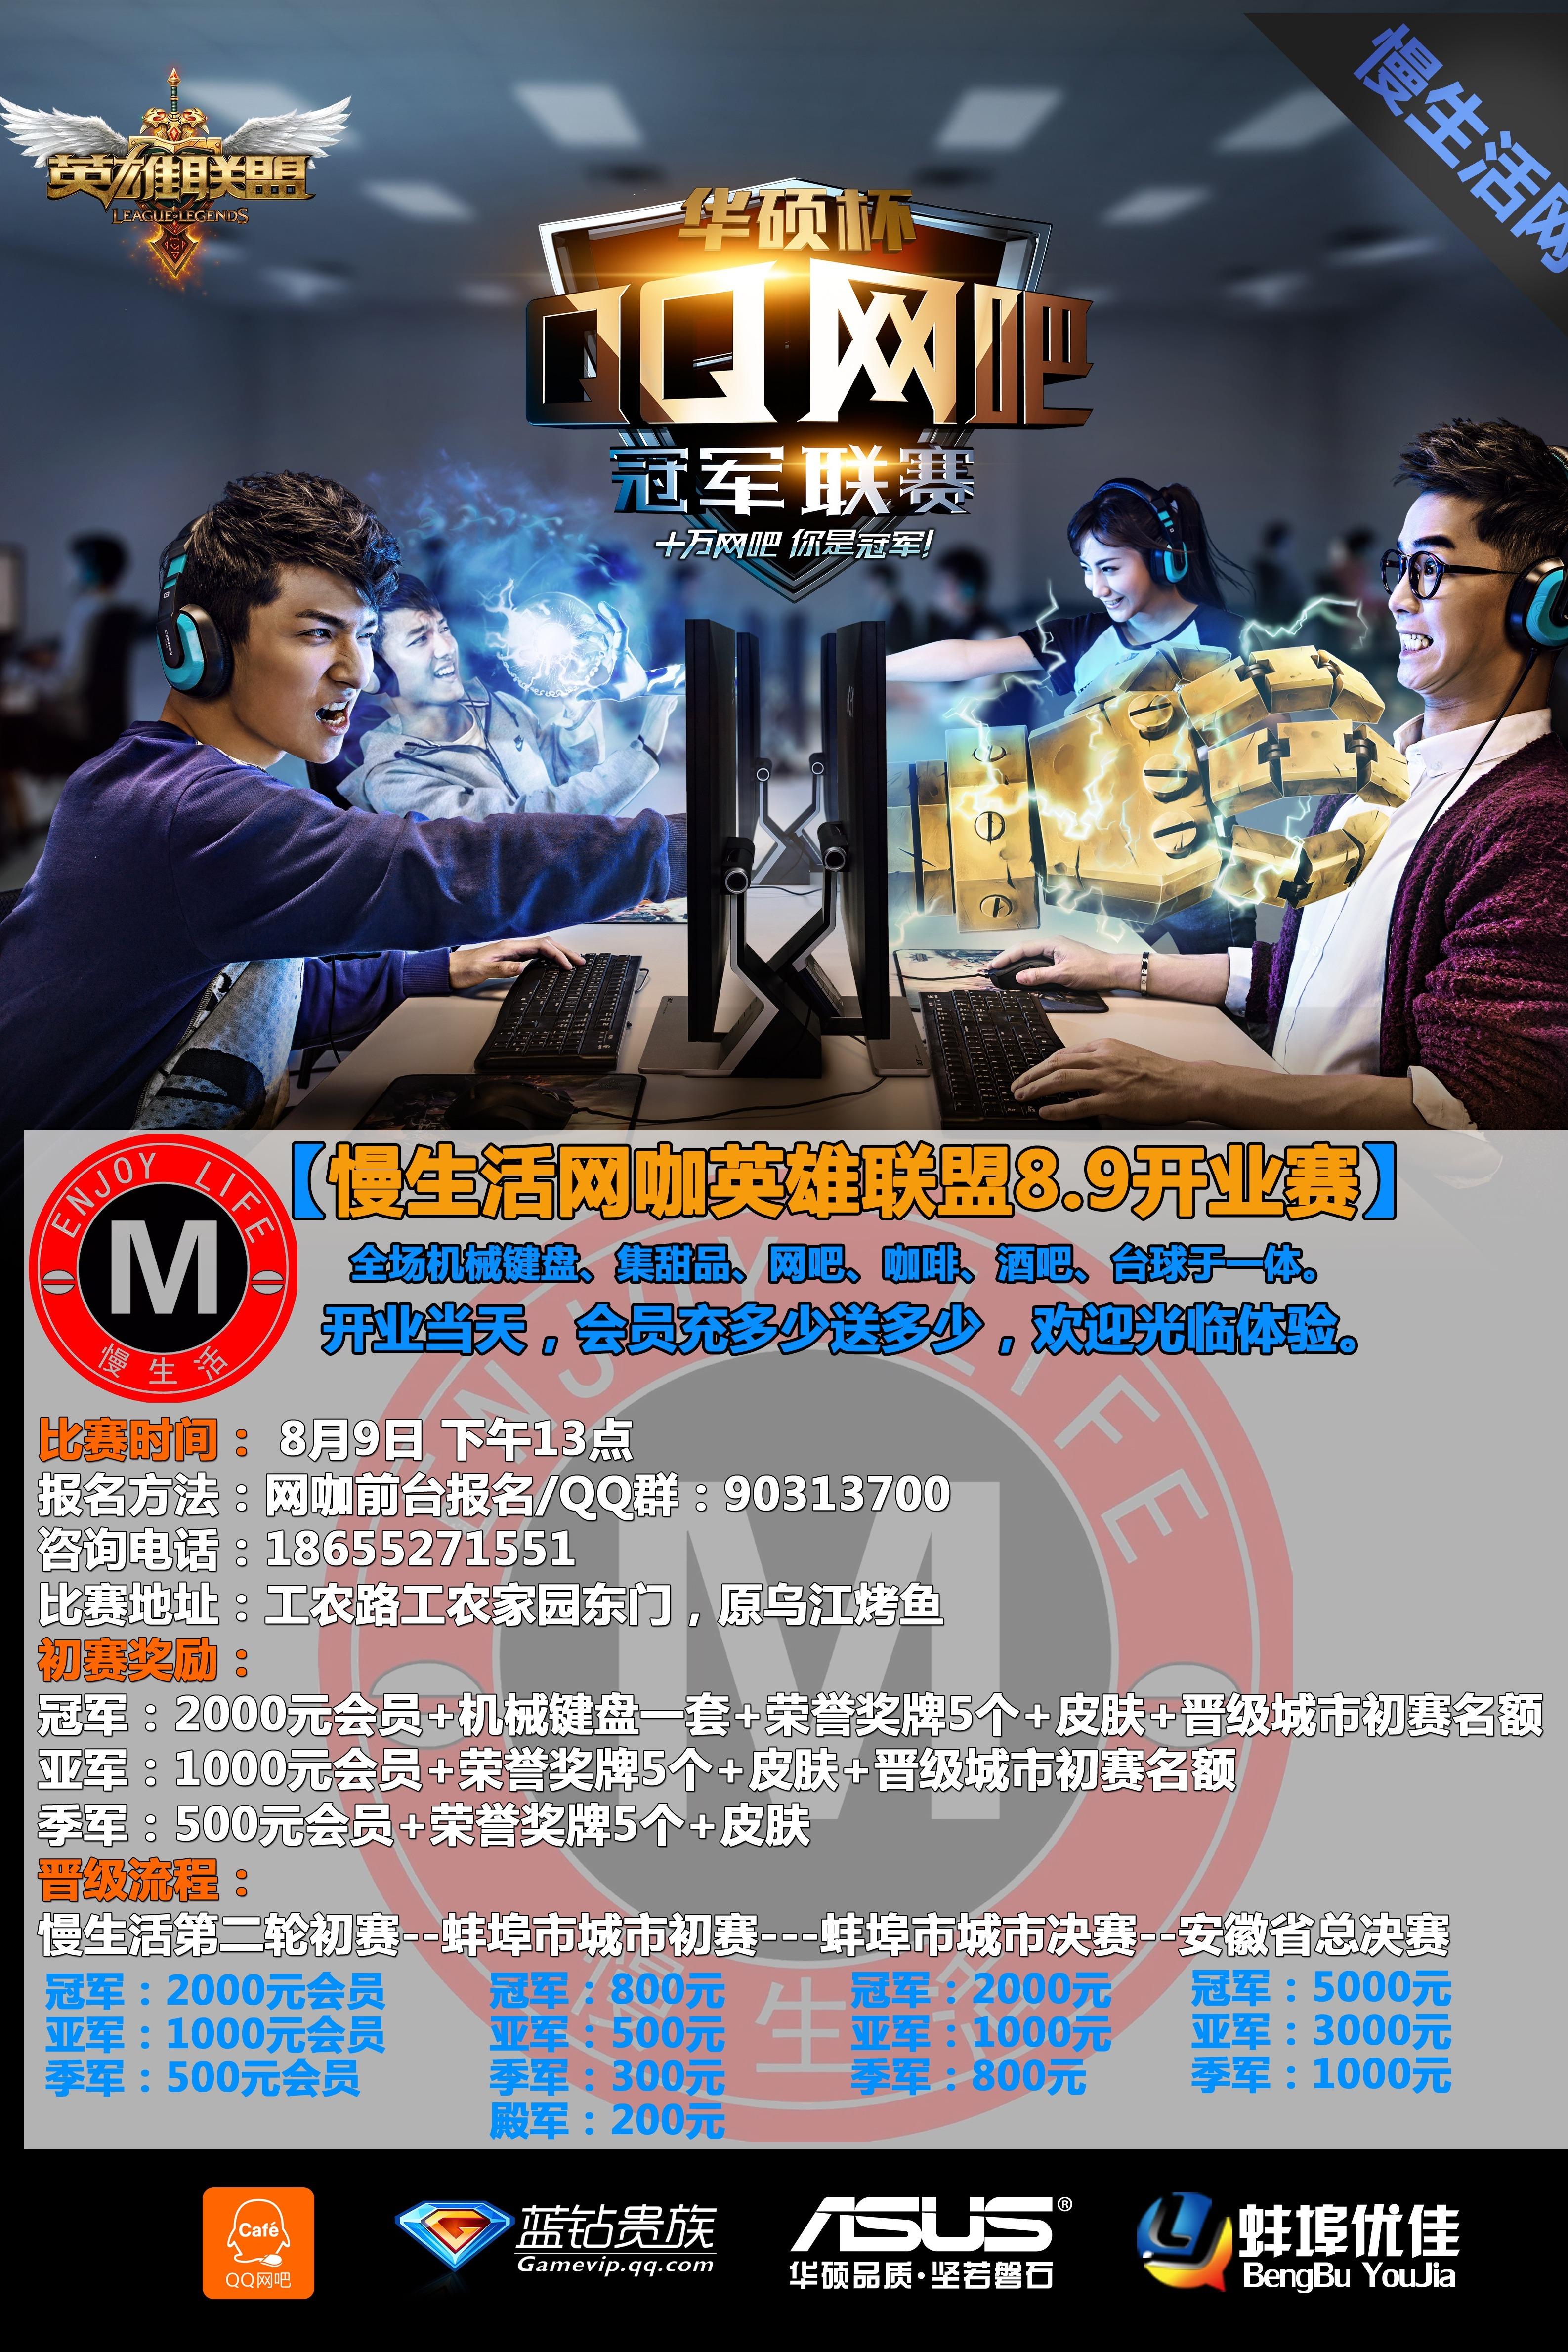 【英雄联盟开业赛】慢生活网咖QQ网吧冠军联赛